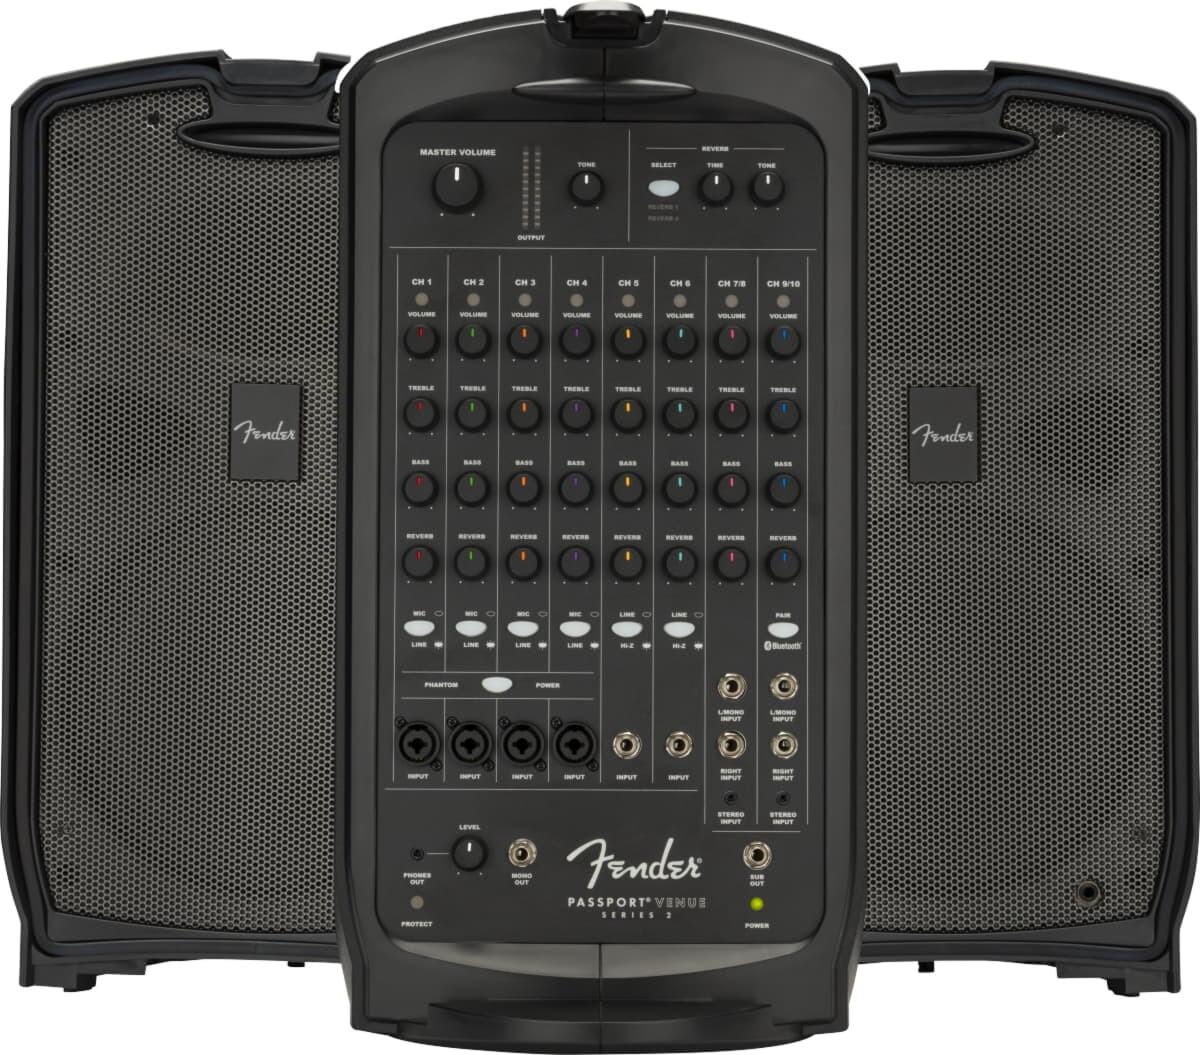 Fender Passport Venue Series 2 Black 230V EU Активная переносная акустическая система